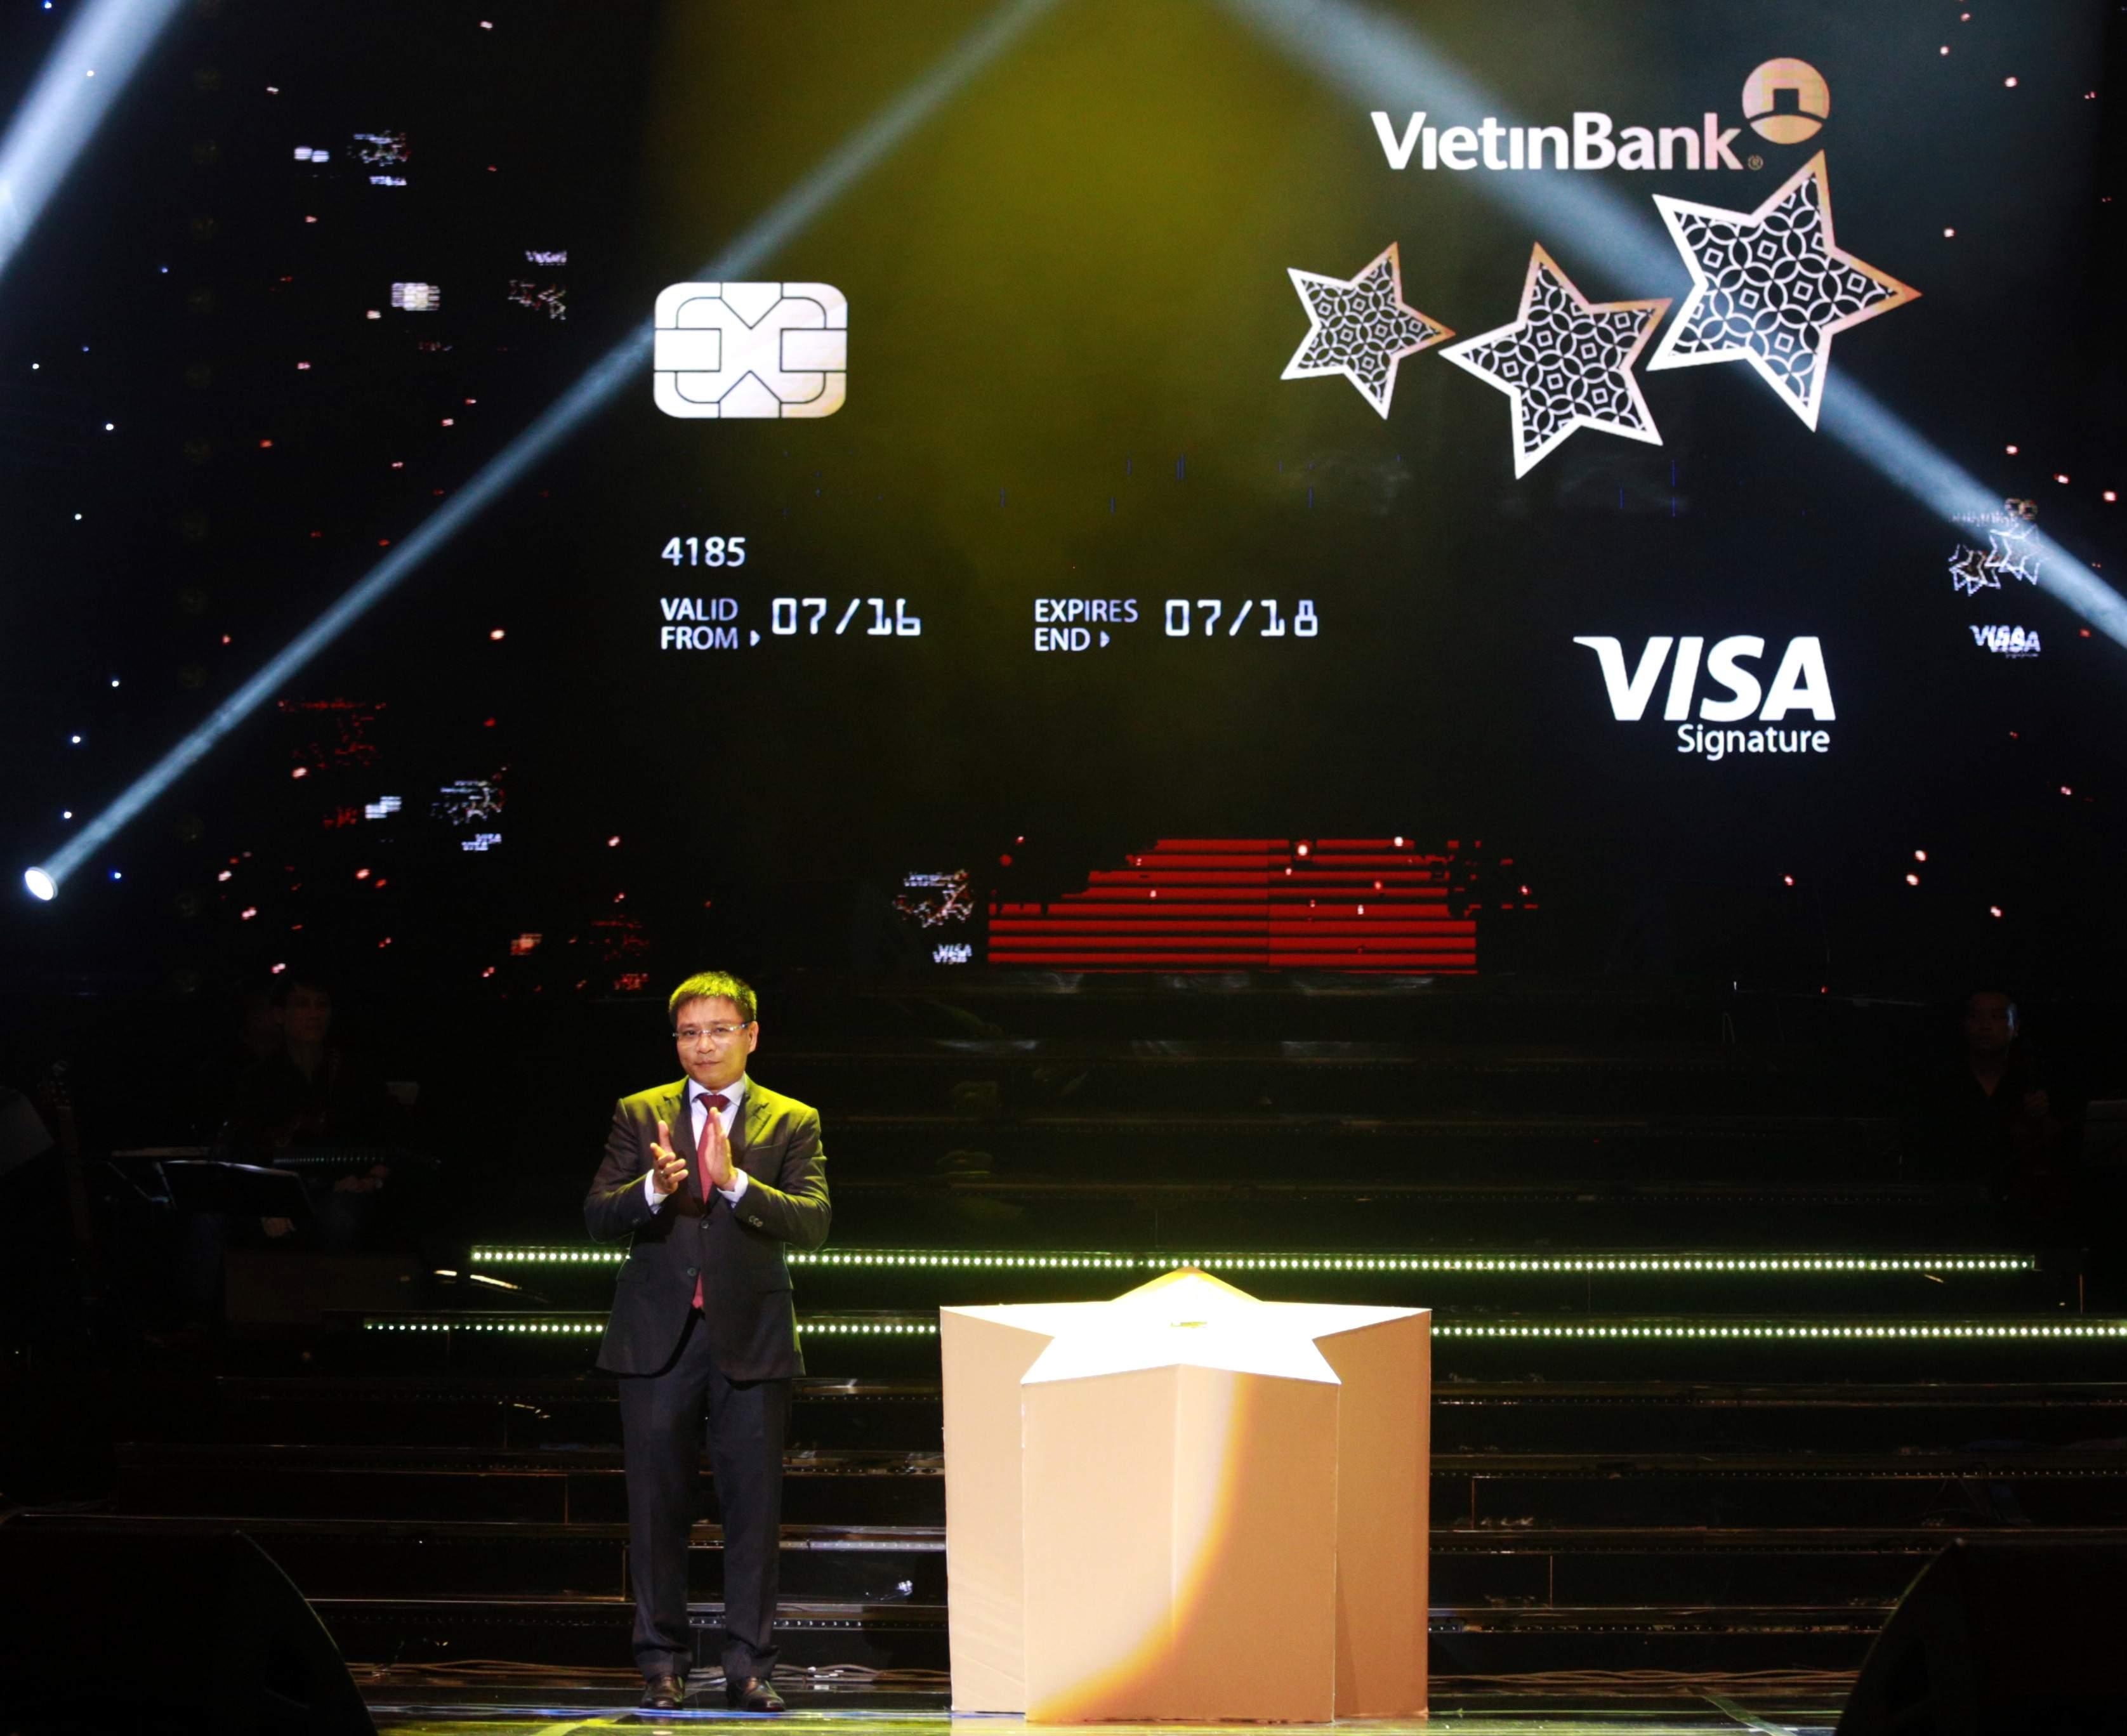 thebank_the_tin_dung_vietinbank_visa_signature_1483759159